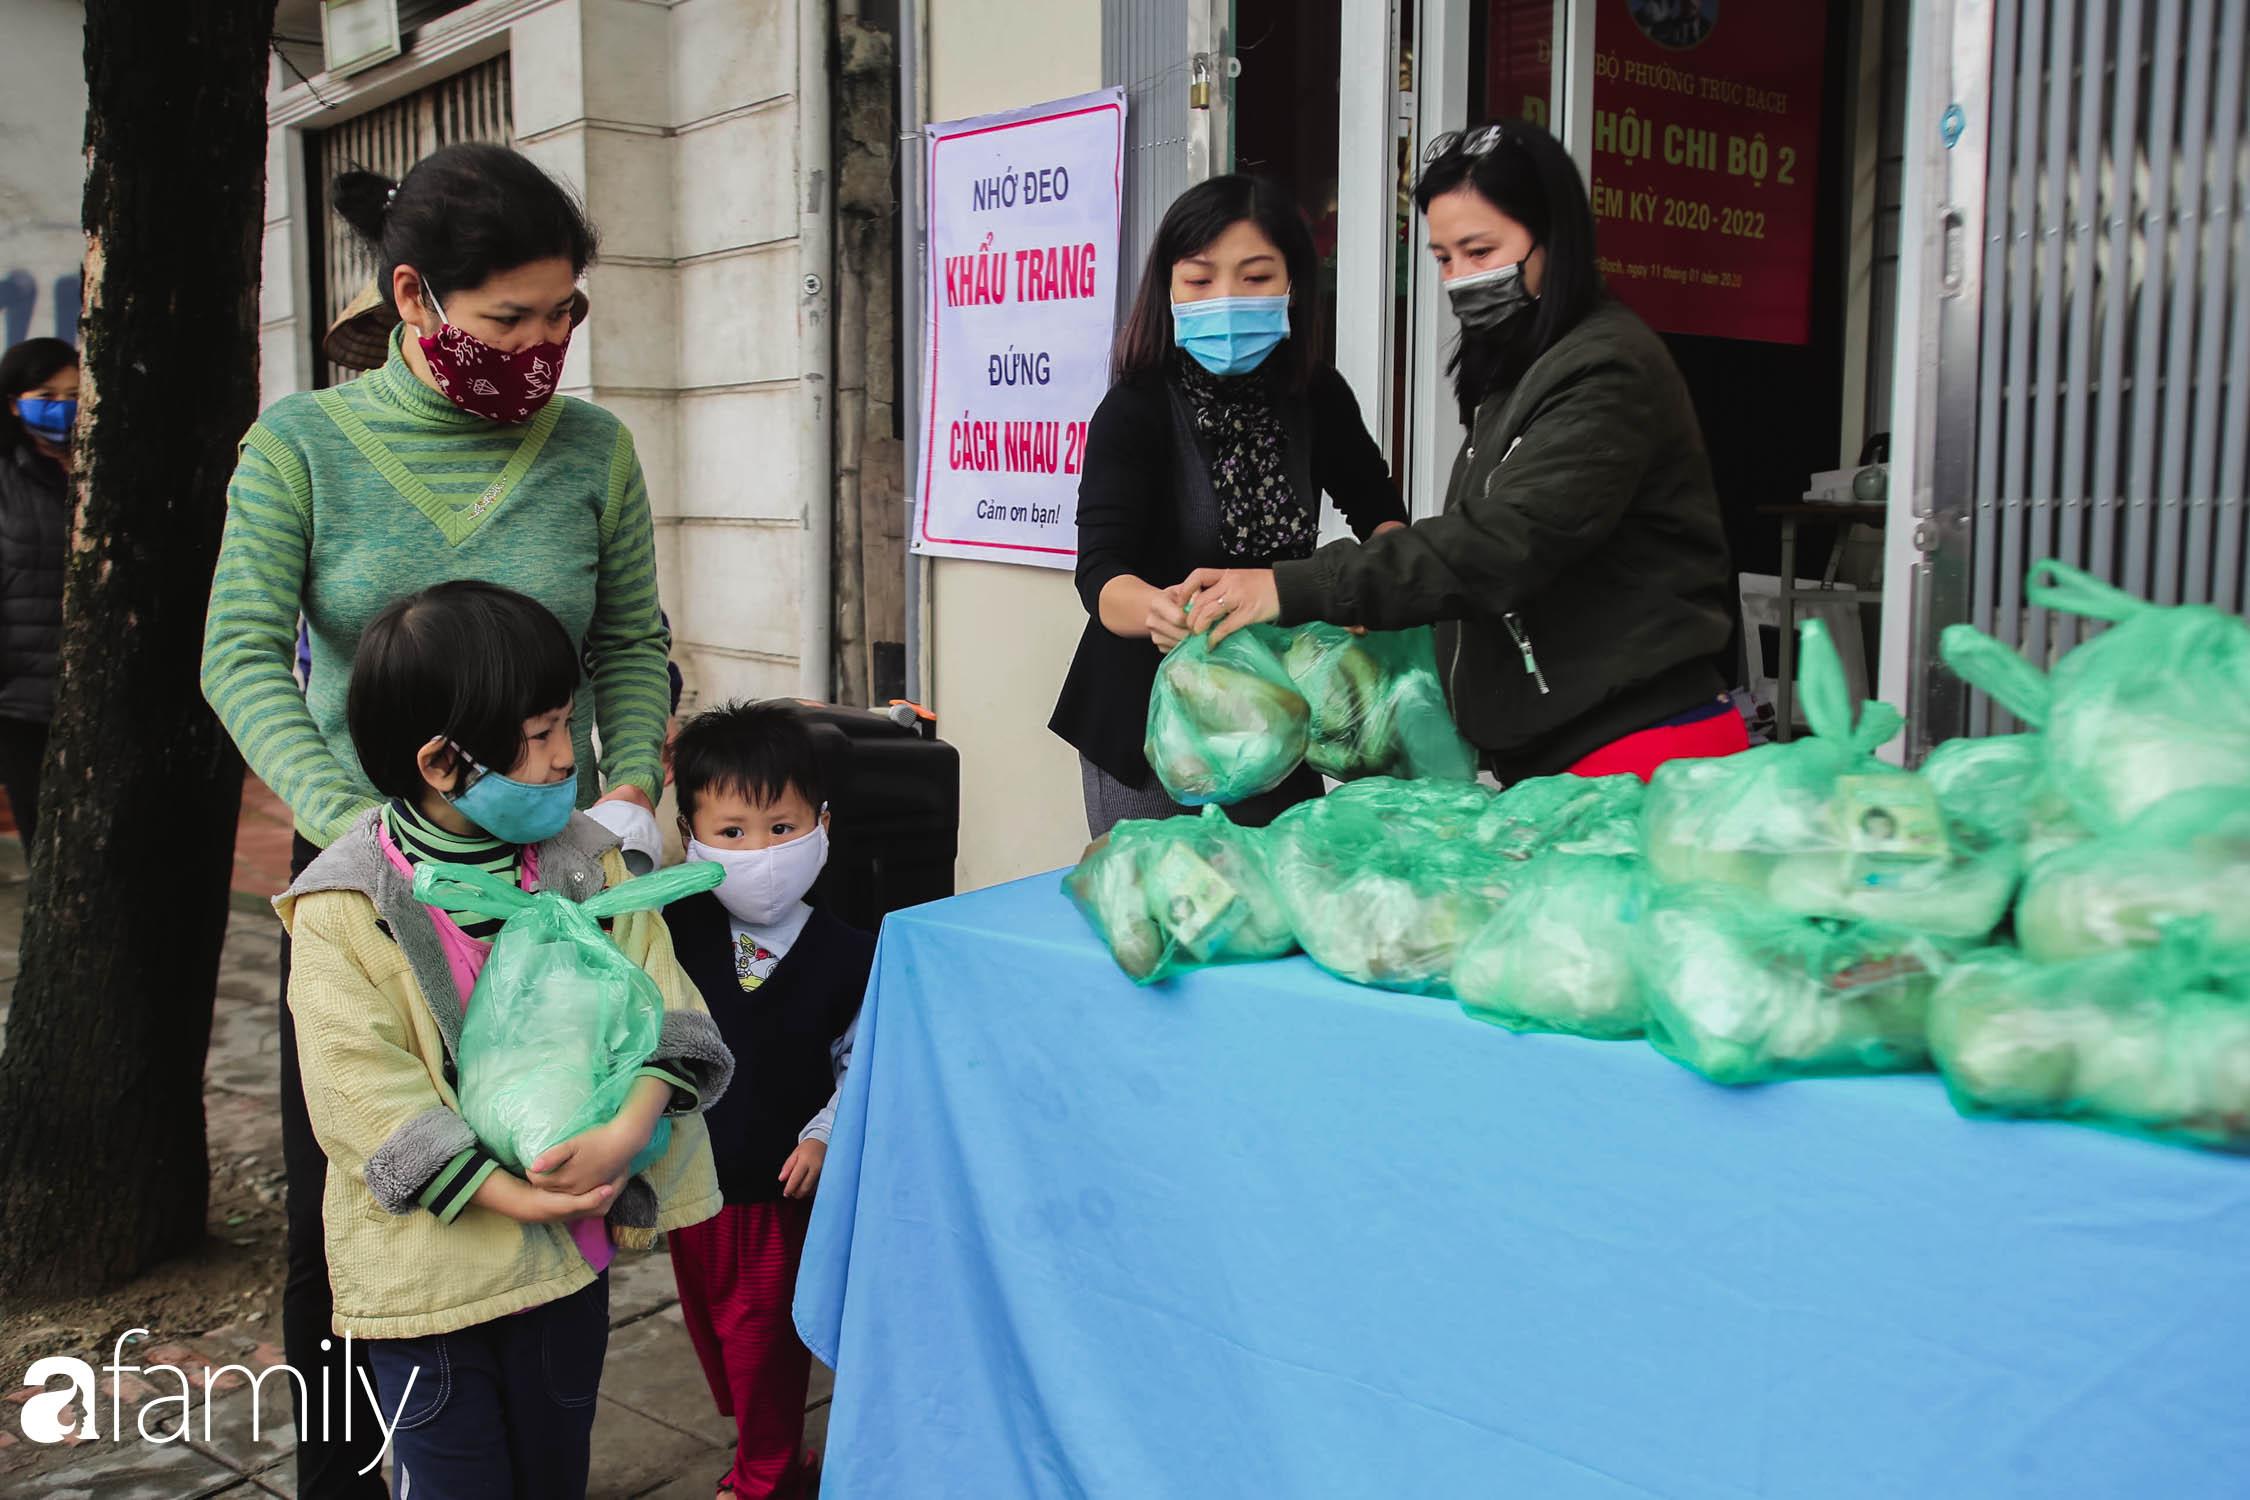 Những ngày cách ly chống dịch: Nhiều điểm phát lương thực mở ra như món quà vô giá với sinh viên nghèo, lao động thất nghiệp cố bám trụ lại Thủ đô - Ảnh 9.